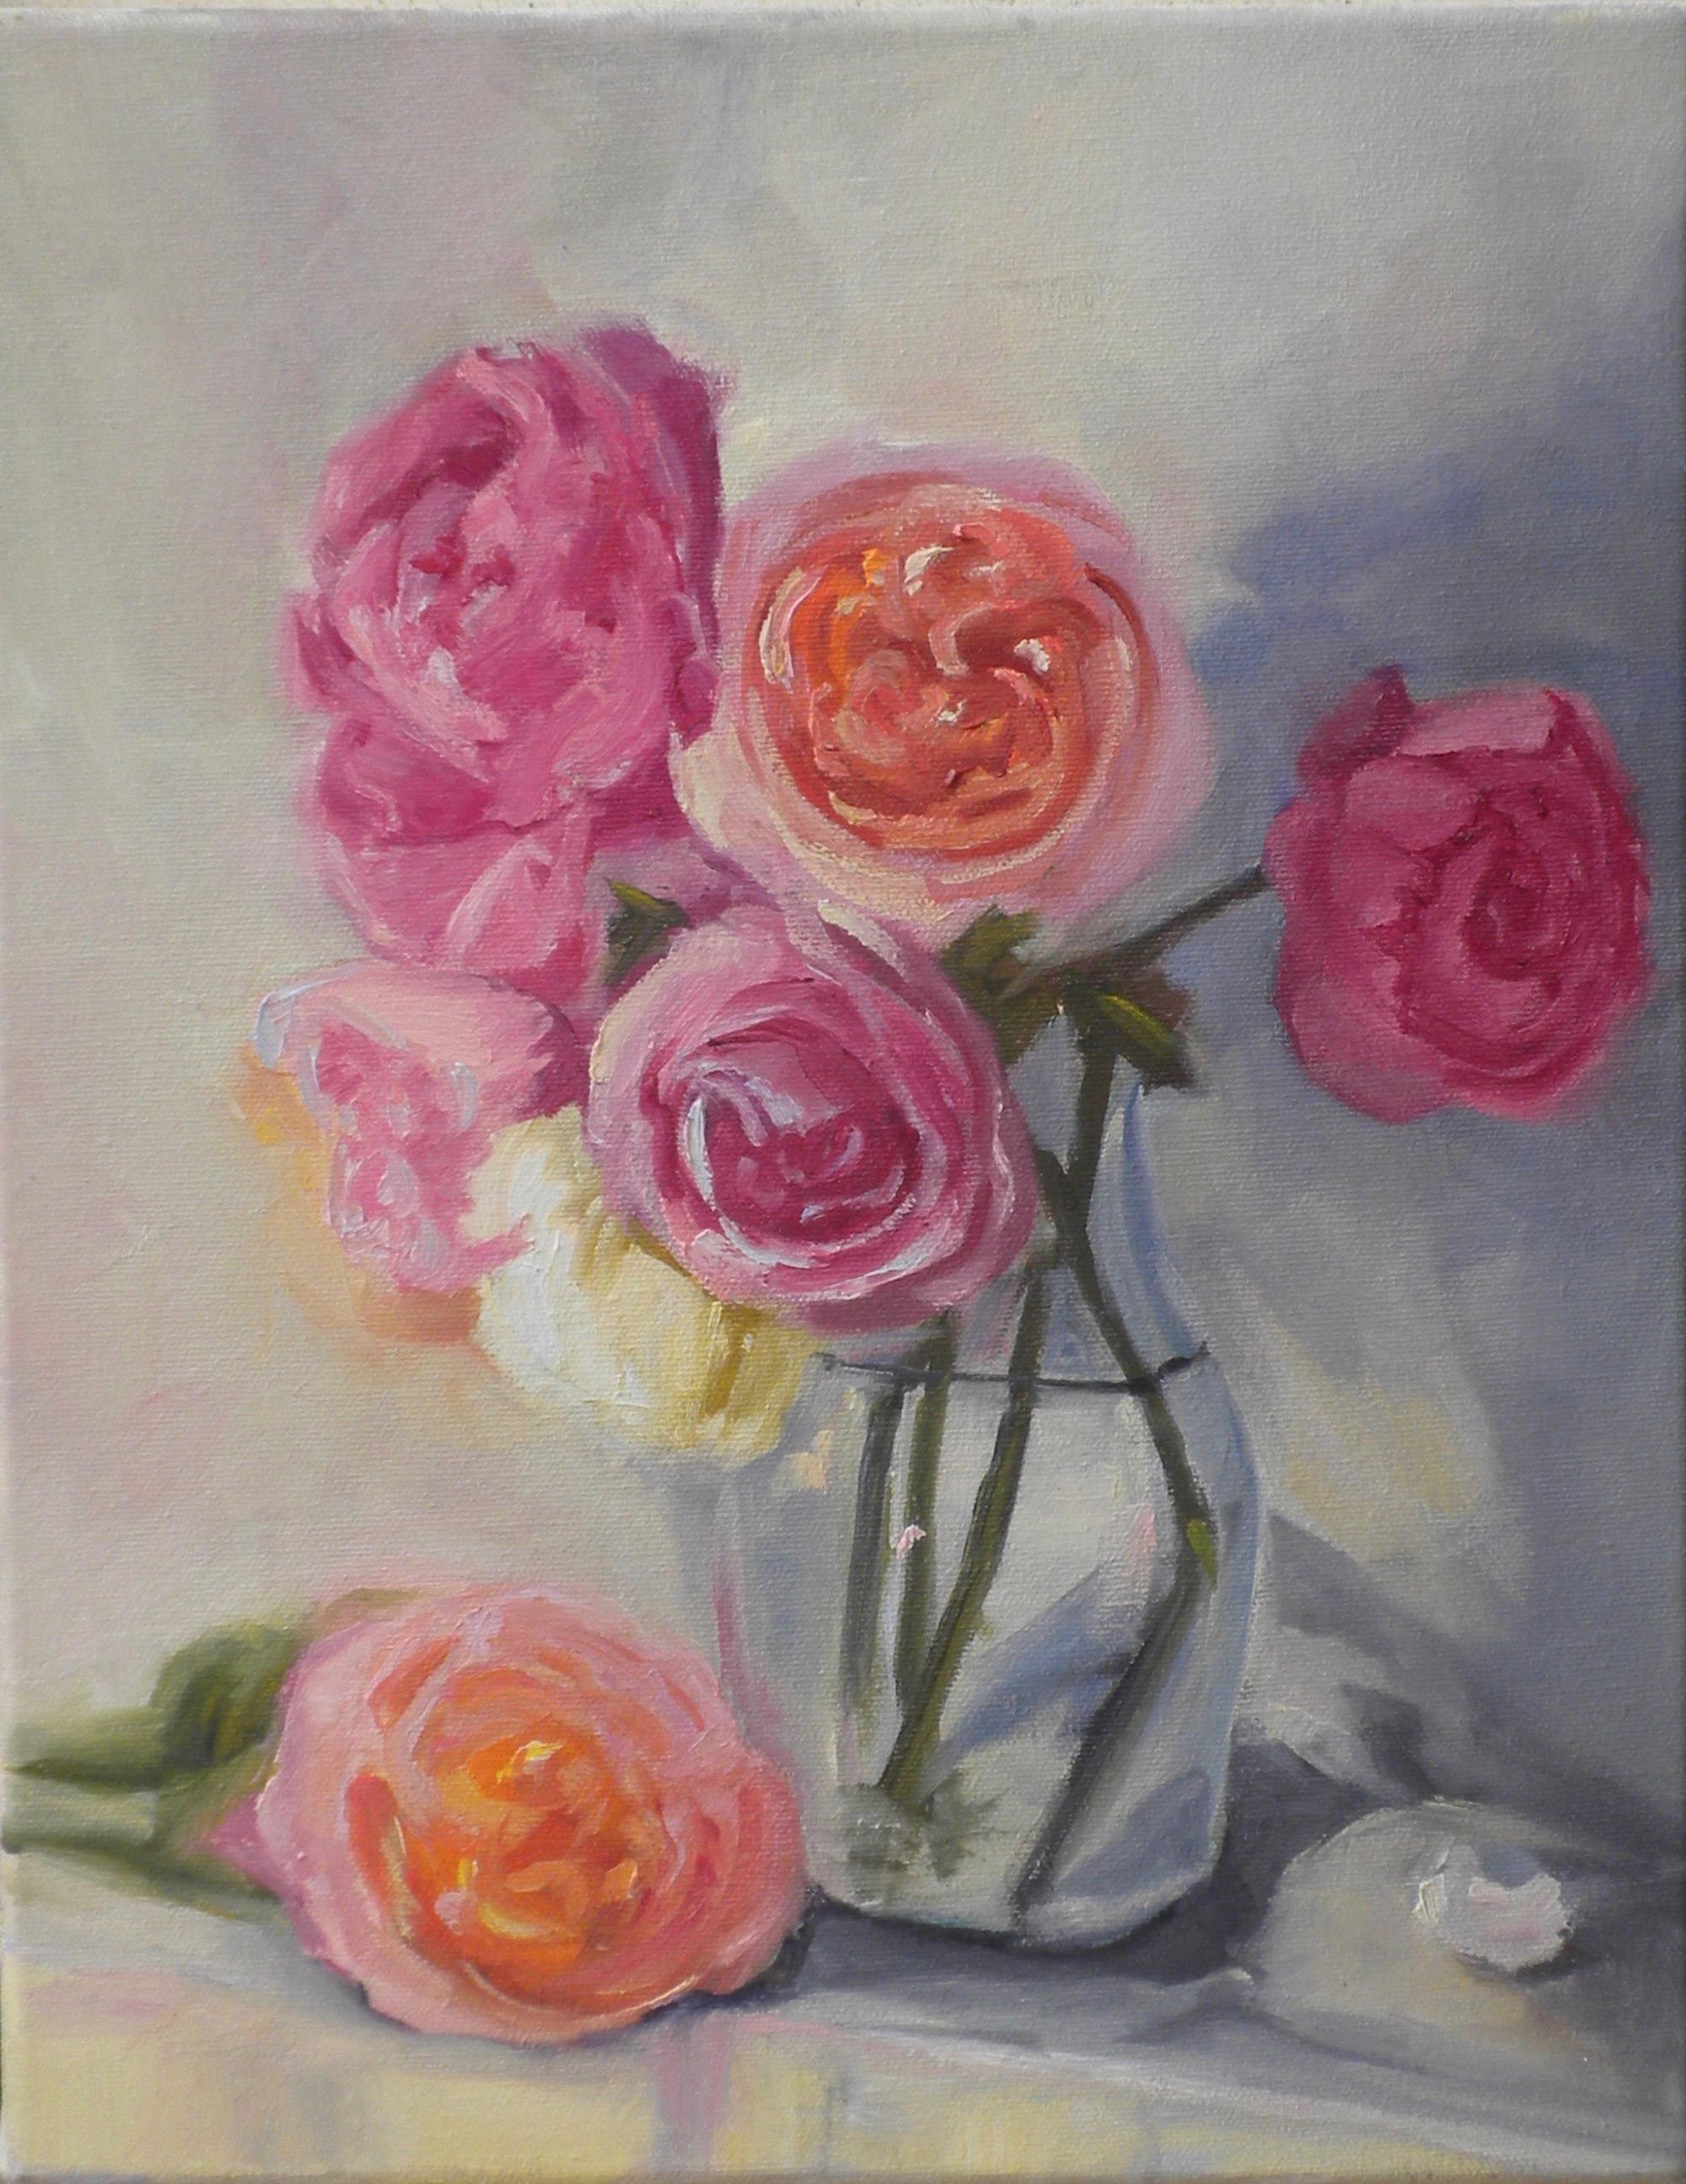 Amalia's Roses